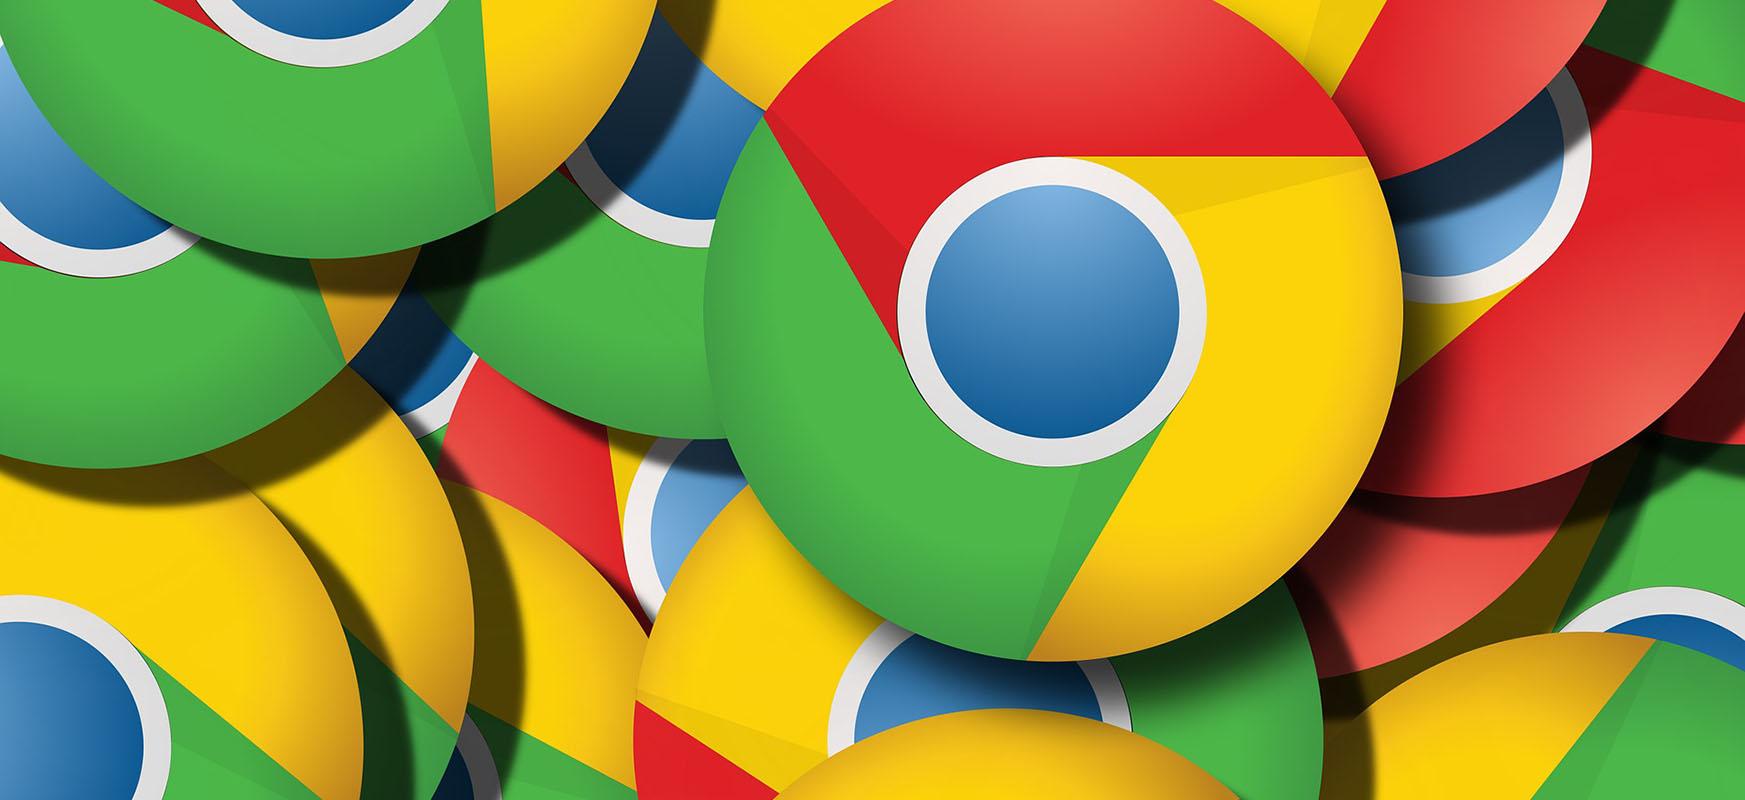 Intelek adabaki bat idatzi du Chrome-rentzat.  Nabigatzaileak energia gutxiago erabiliko du